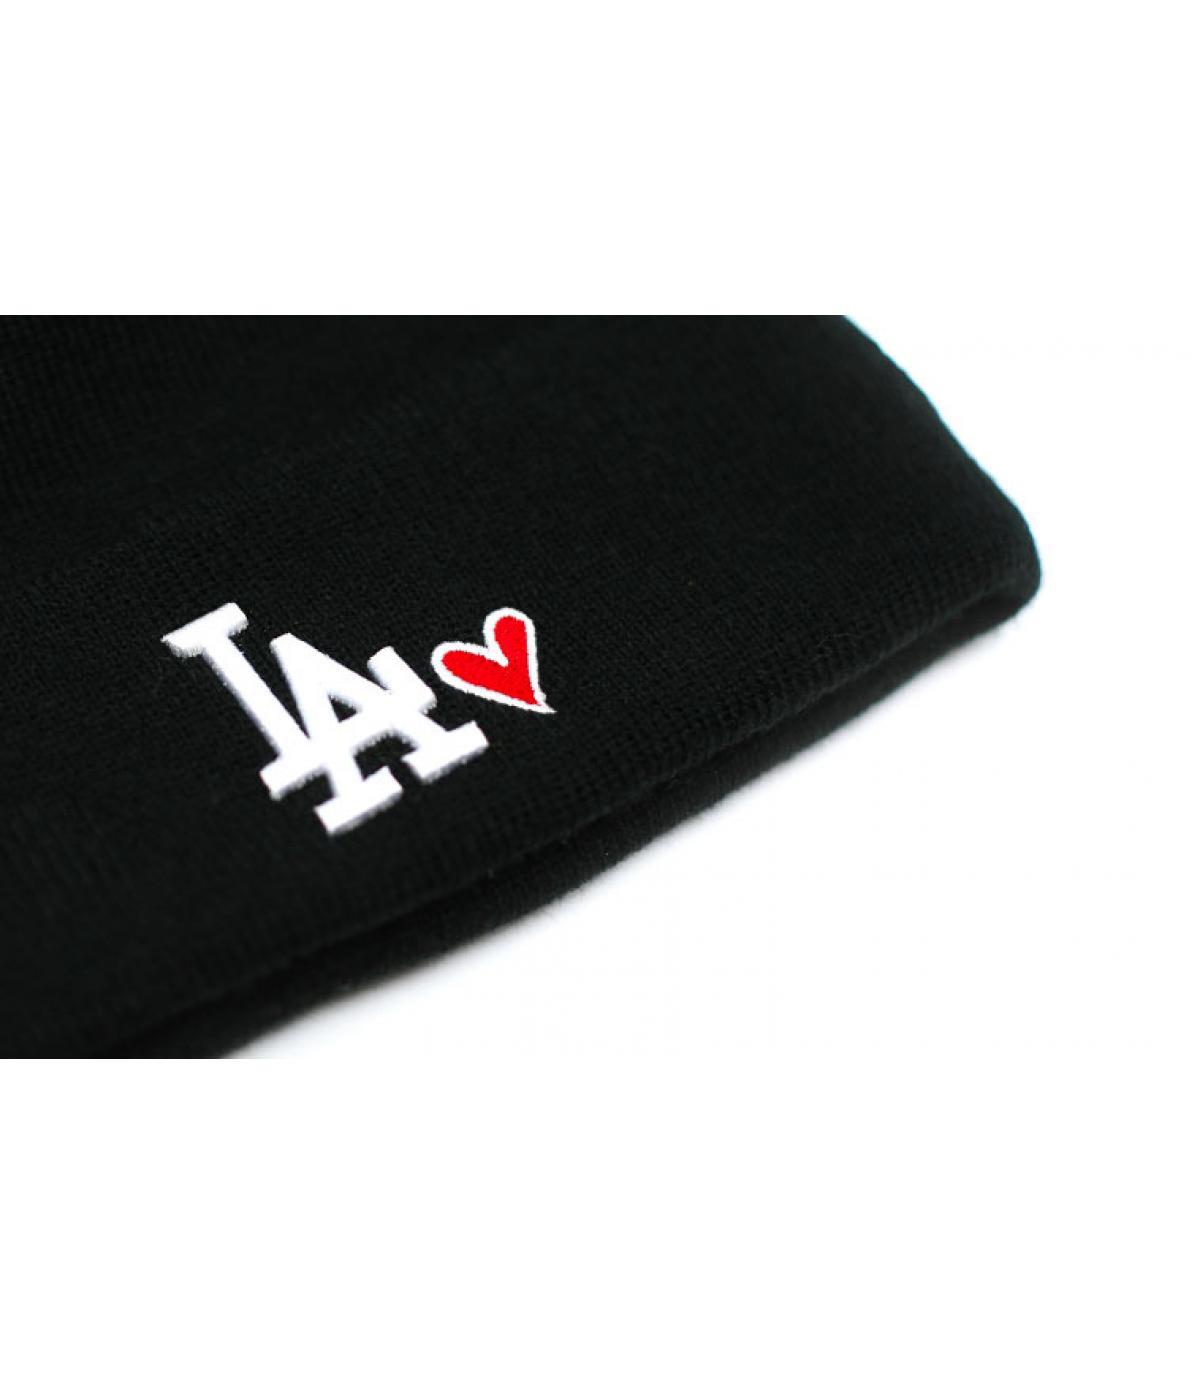 Détails Wmns Heart LA knit black - image 3